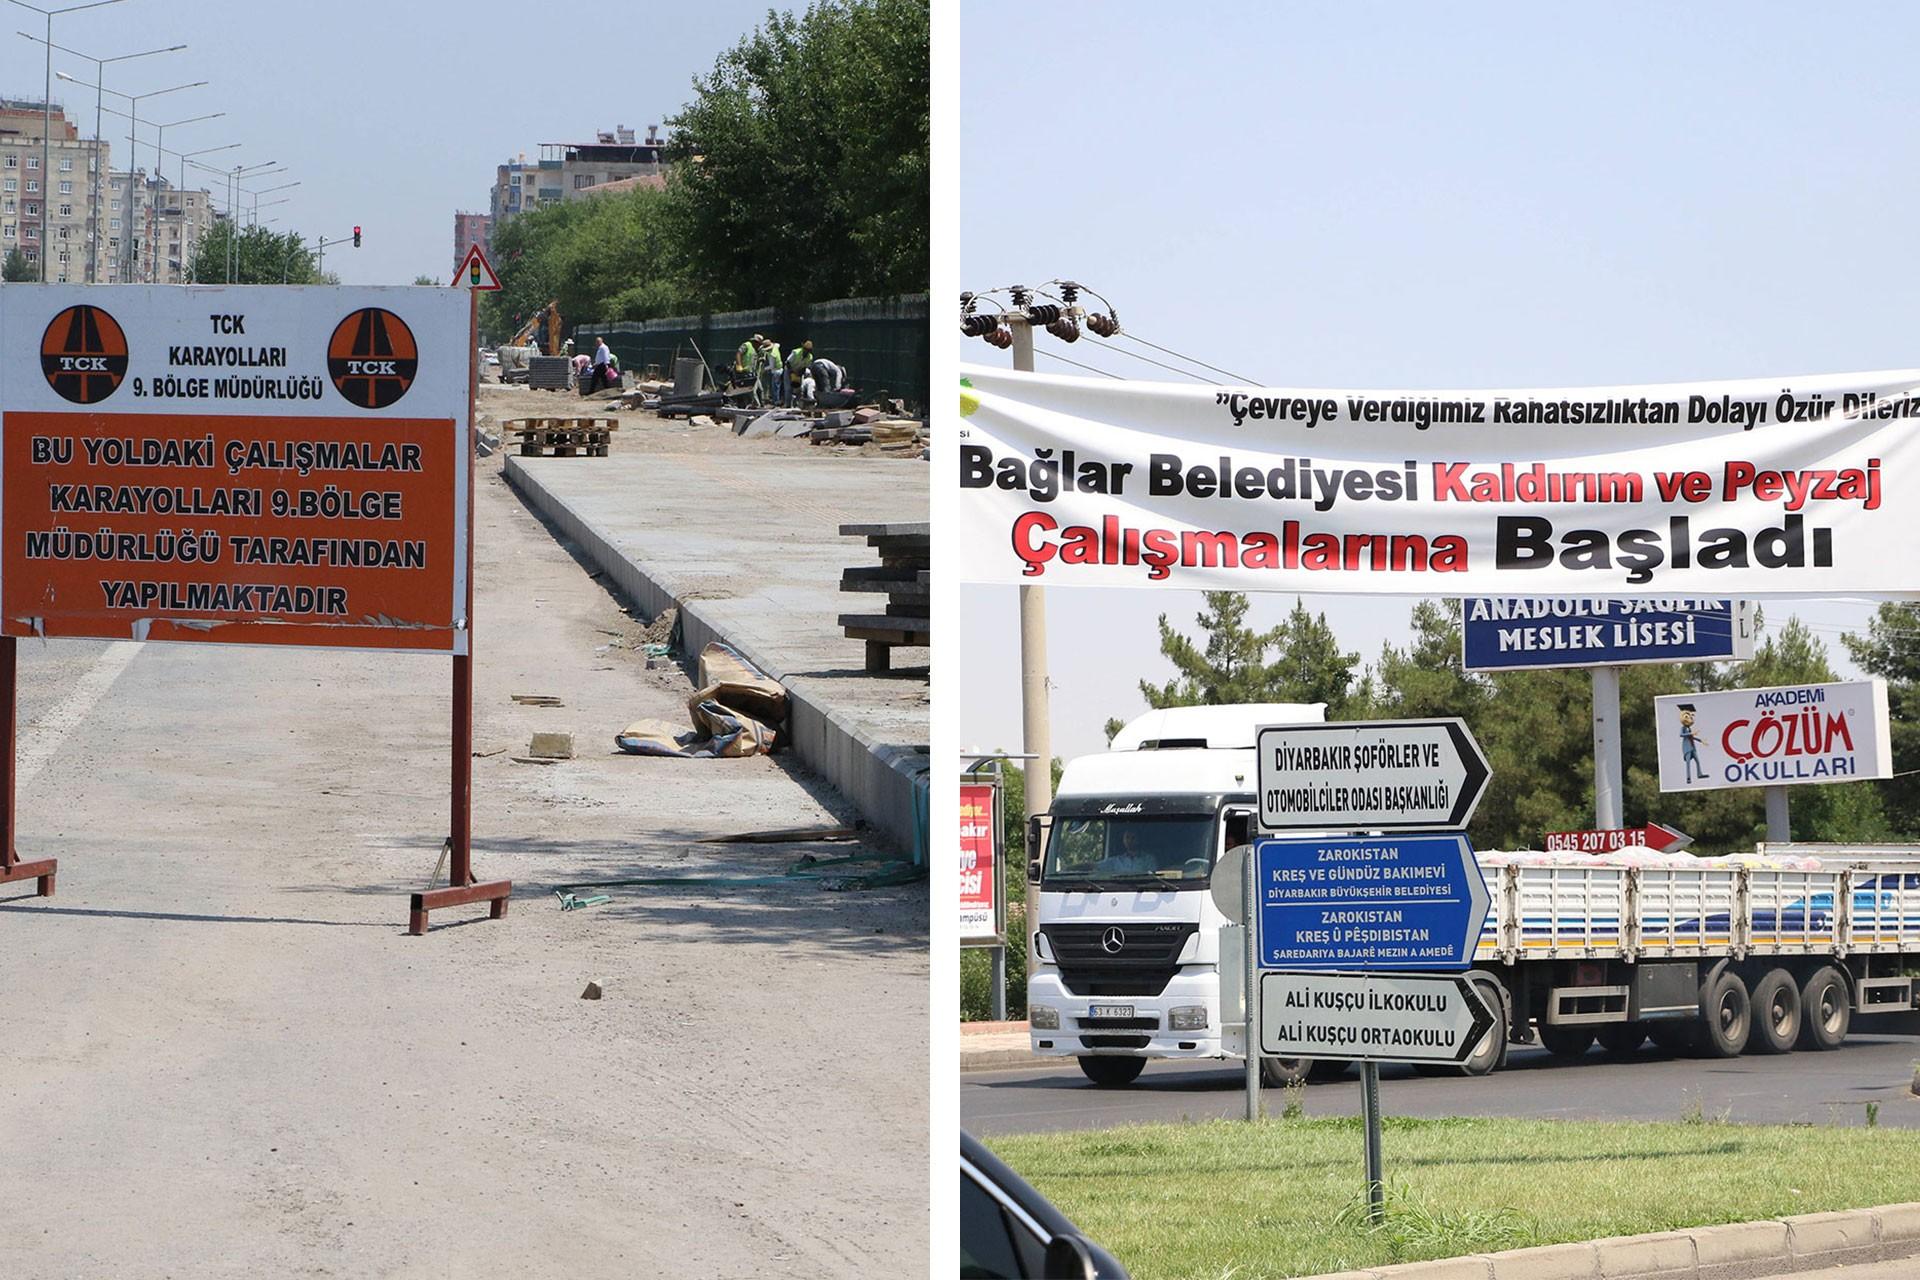 Bağlar Belediyesi Karayolları'nın çalışmasını kendine mal etti